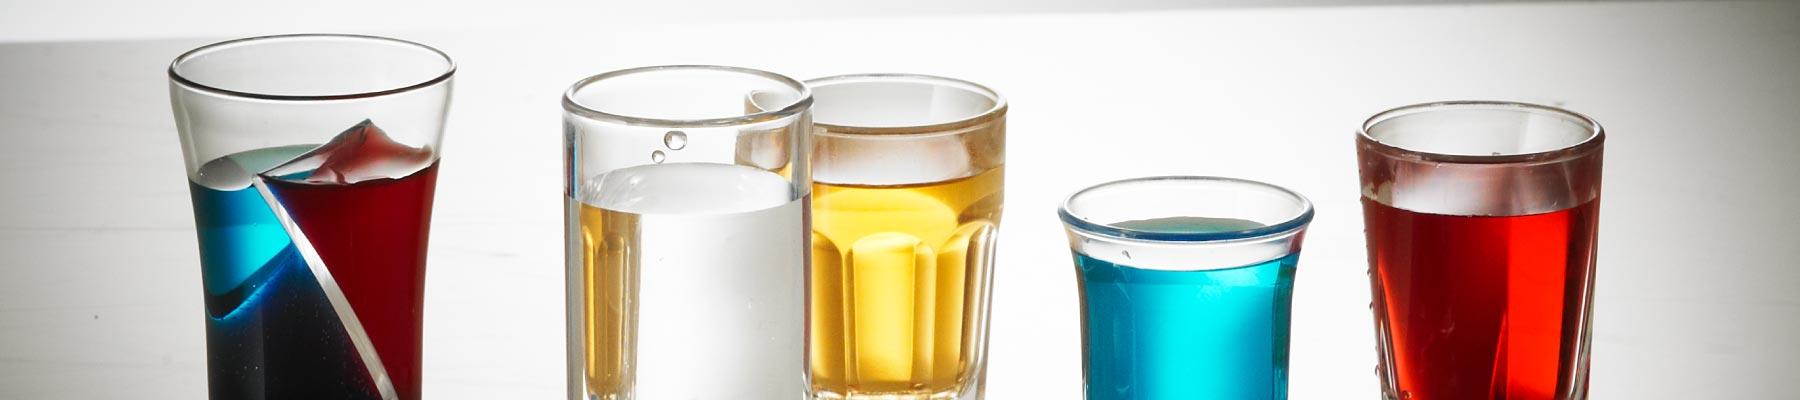 plastic_shot-glasses-glassware-hampshire